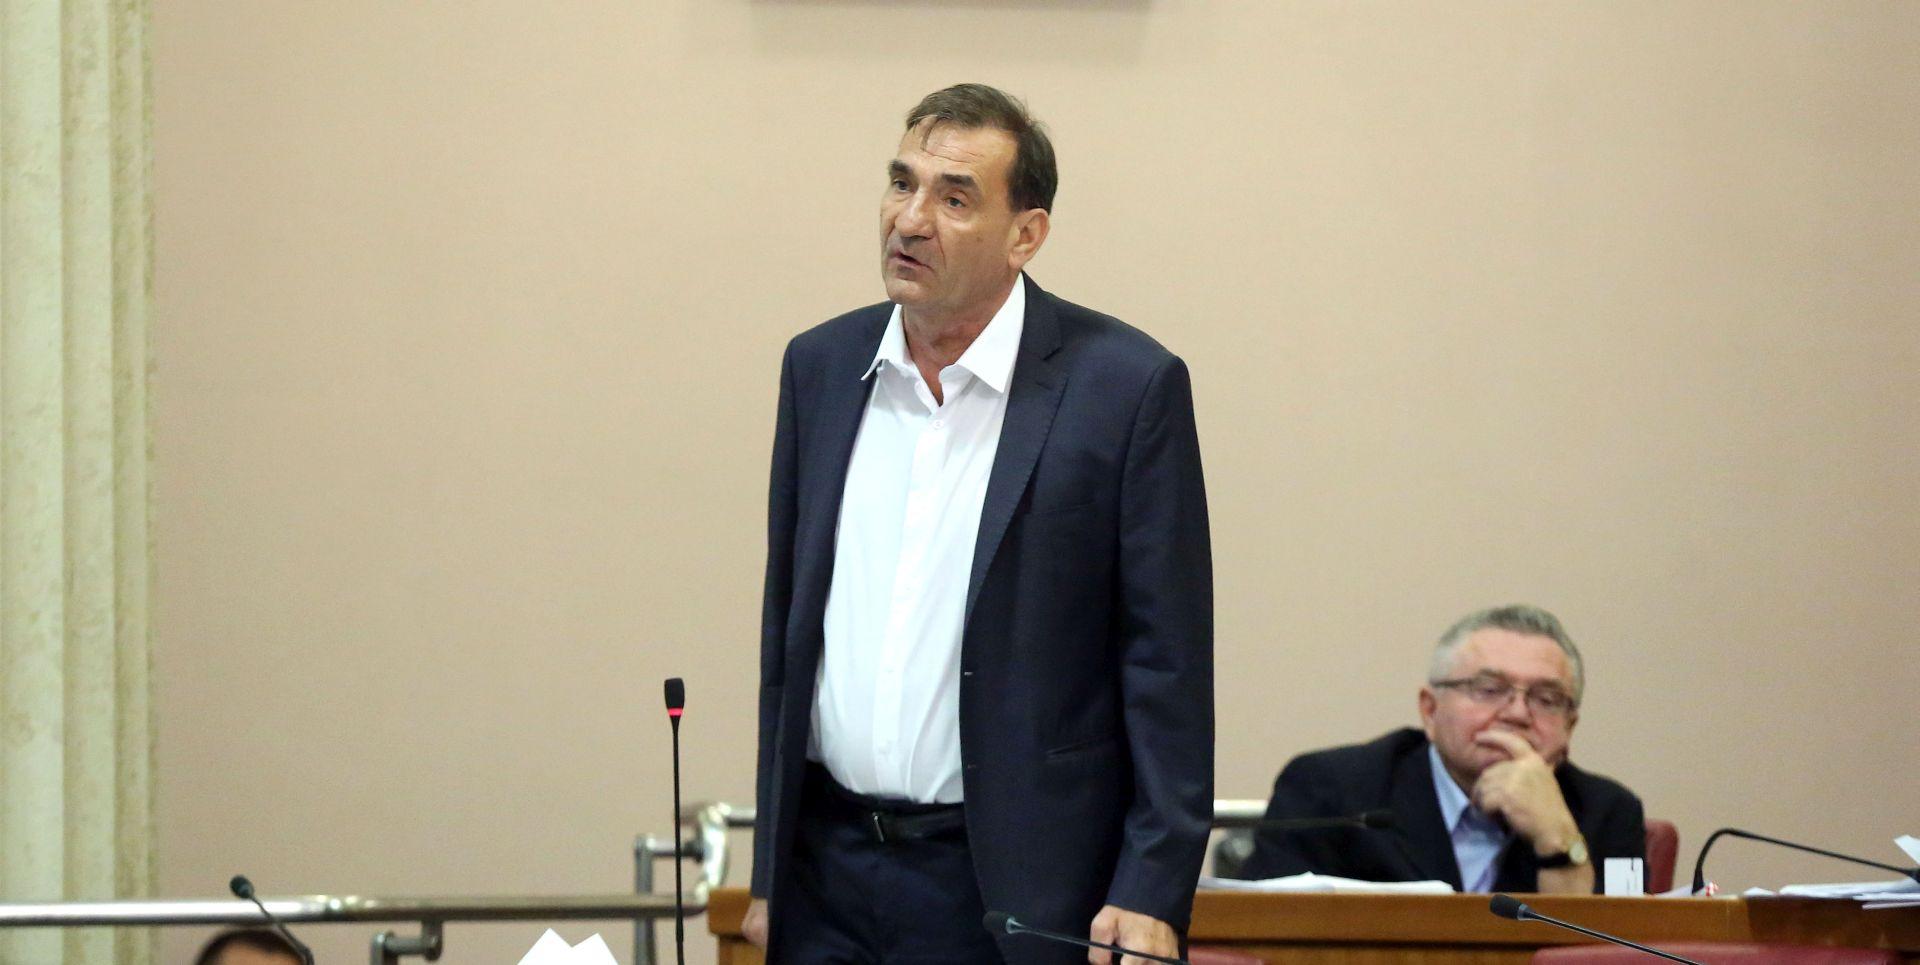 SABORSKA OPORBA 'Utjecaj politike na HRT je prevelik'